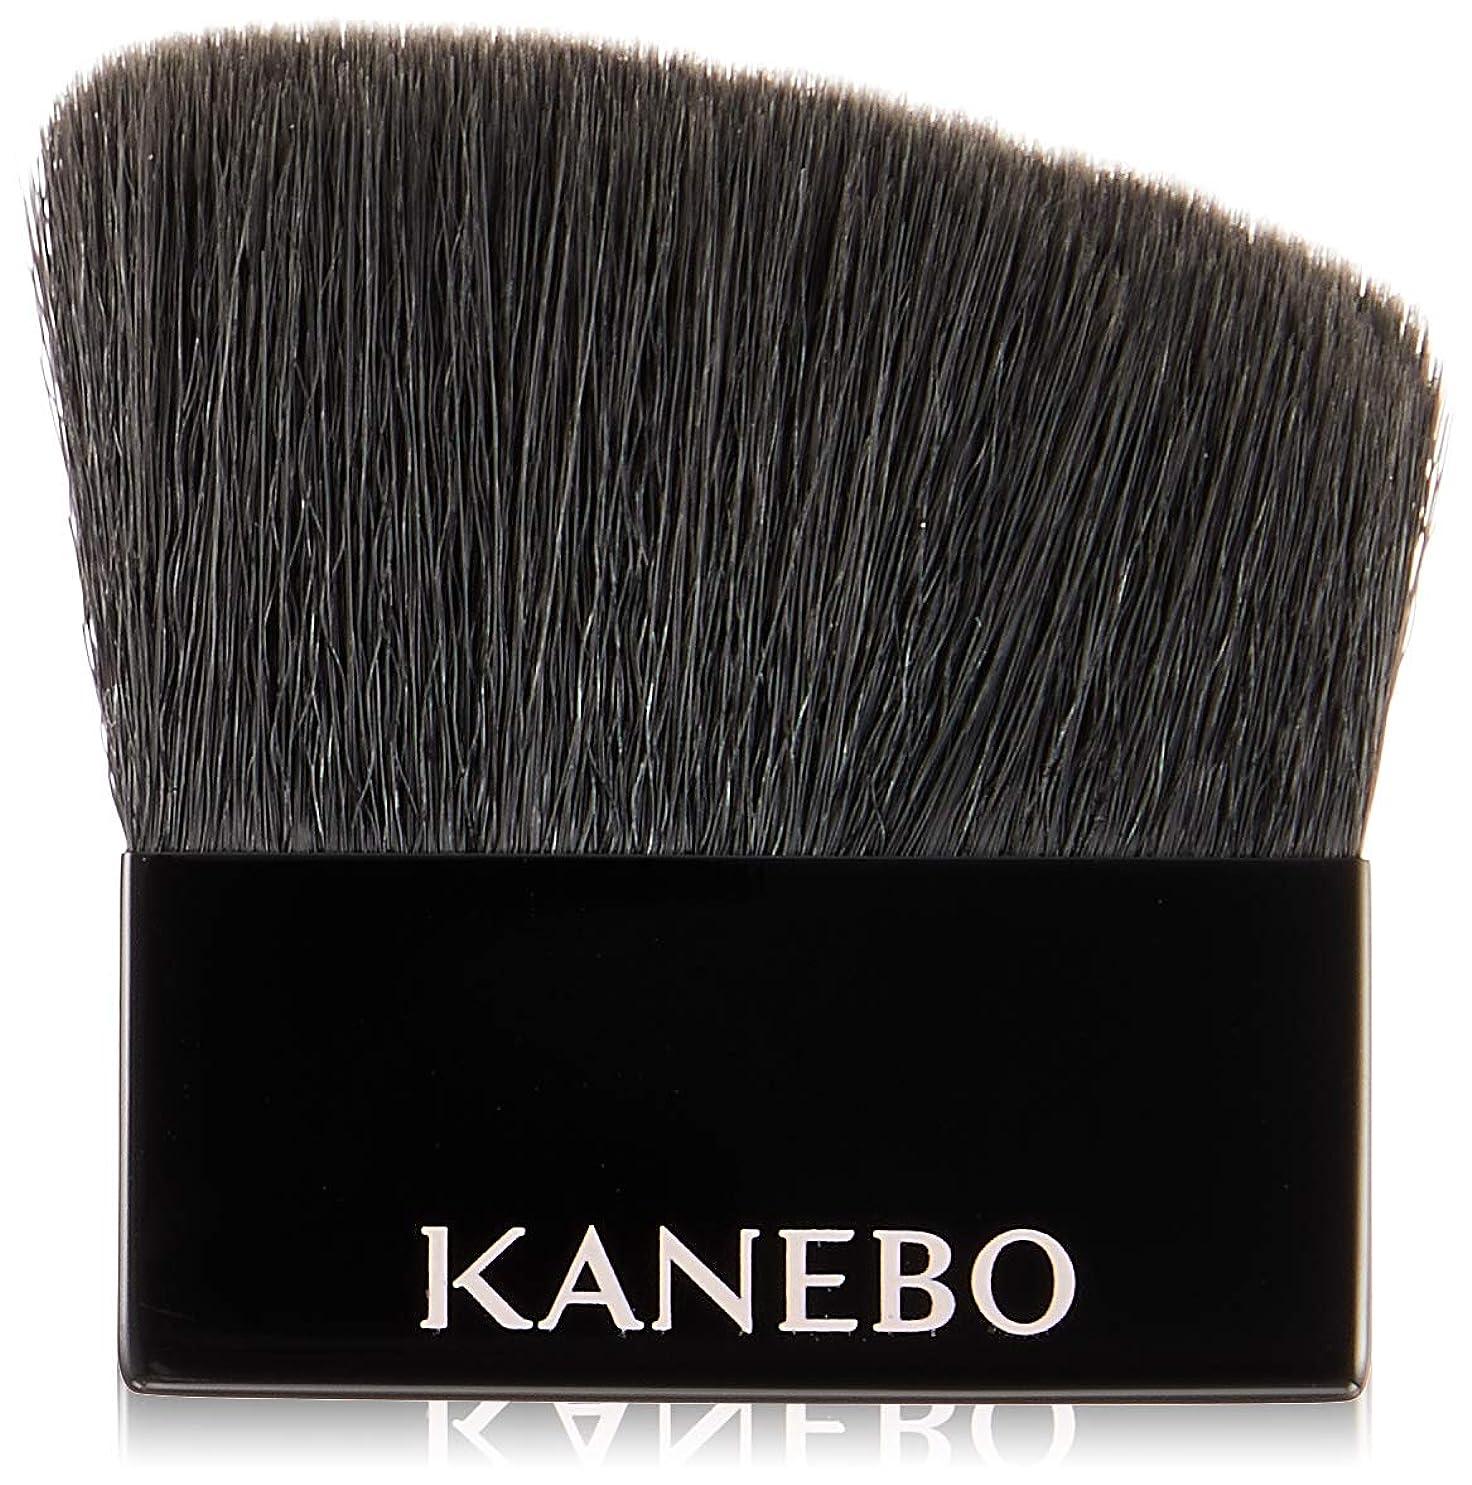 失うアラブサラボ雰囲気KANEBO(カネボウ) カネボウ コンパクトブラシ